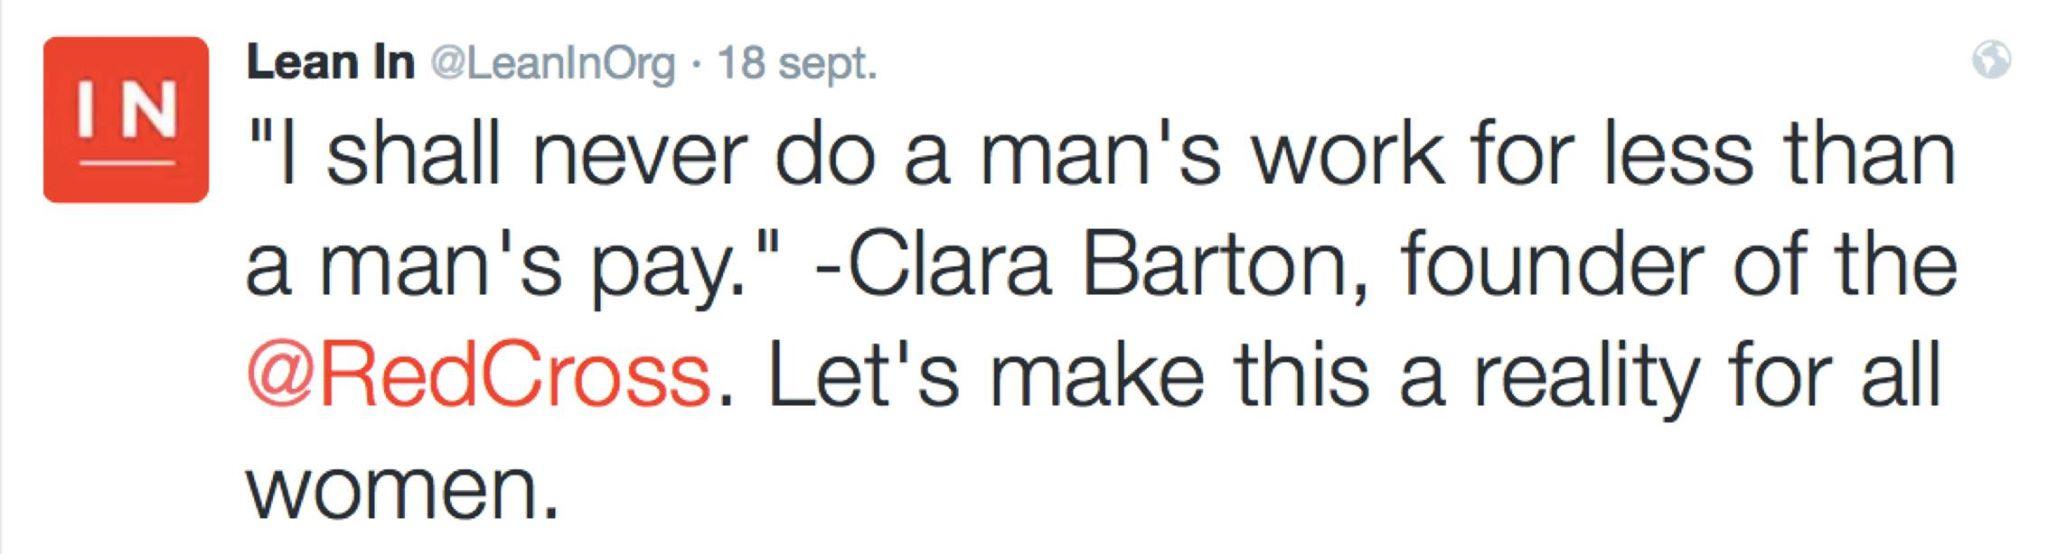 """Tweet de Sheryl Sandberg : """"Je ne ferai jamais le travail d'un homme pour un salaire inférieur à celui d'un homme"""" Clara Barton, fondatrice de @RedCross. Faisons de cette réalité, une réalité pour toute les femmes"""